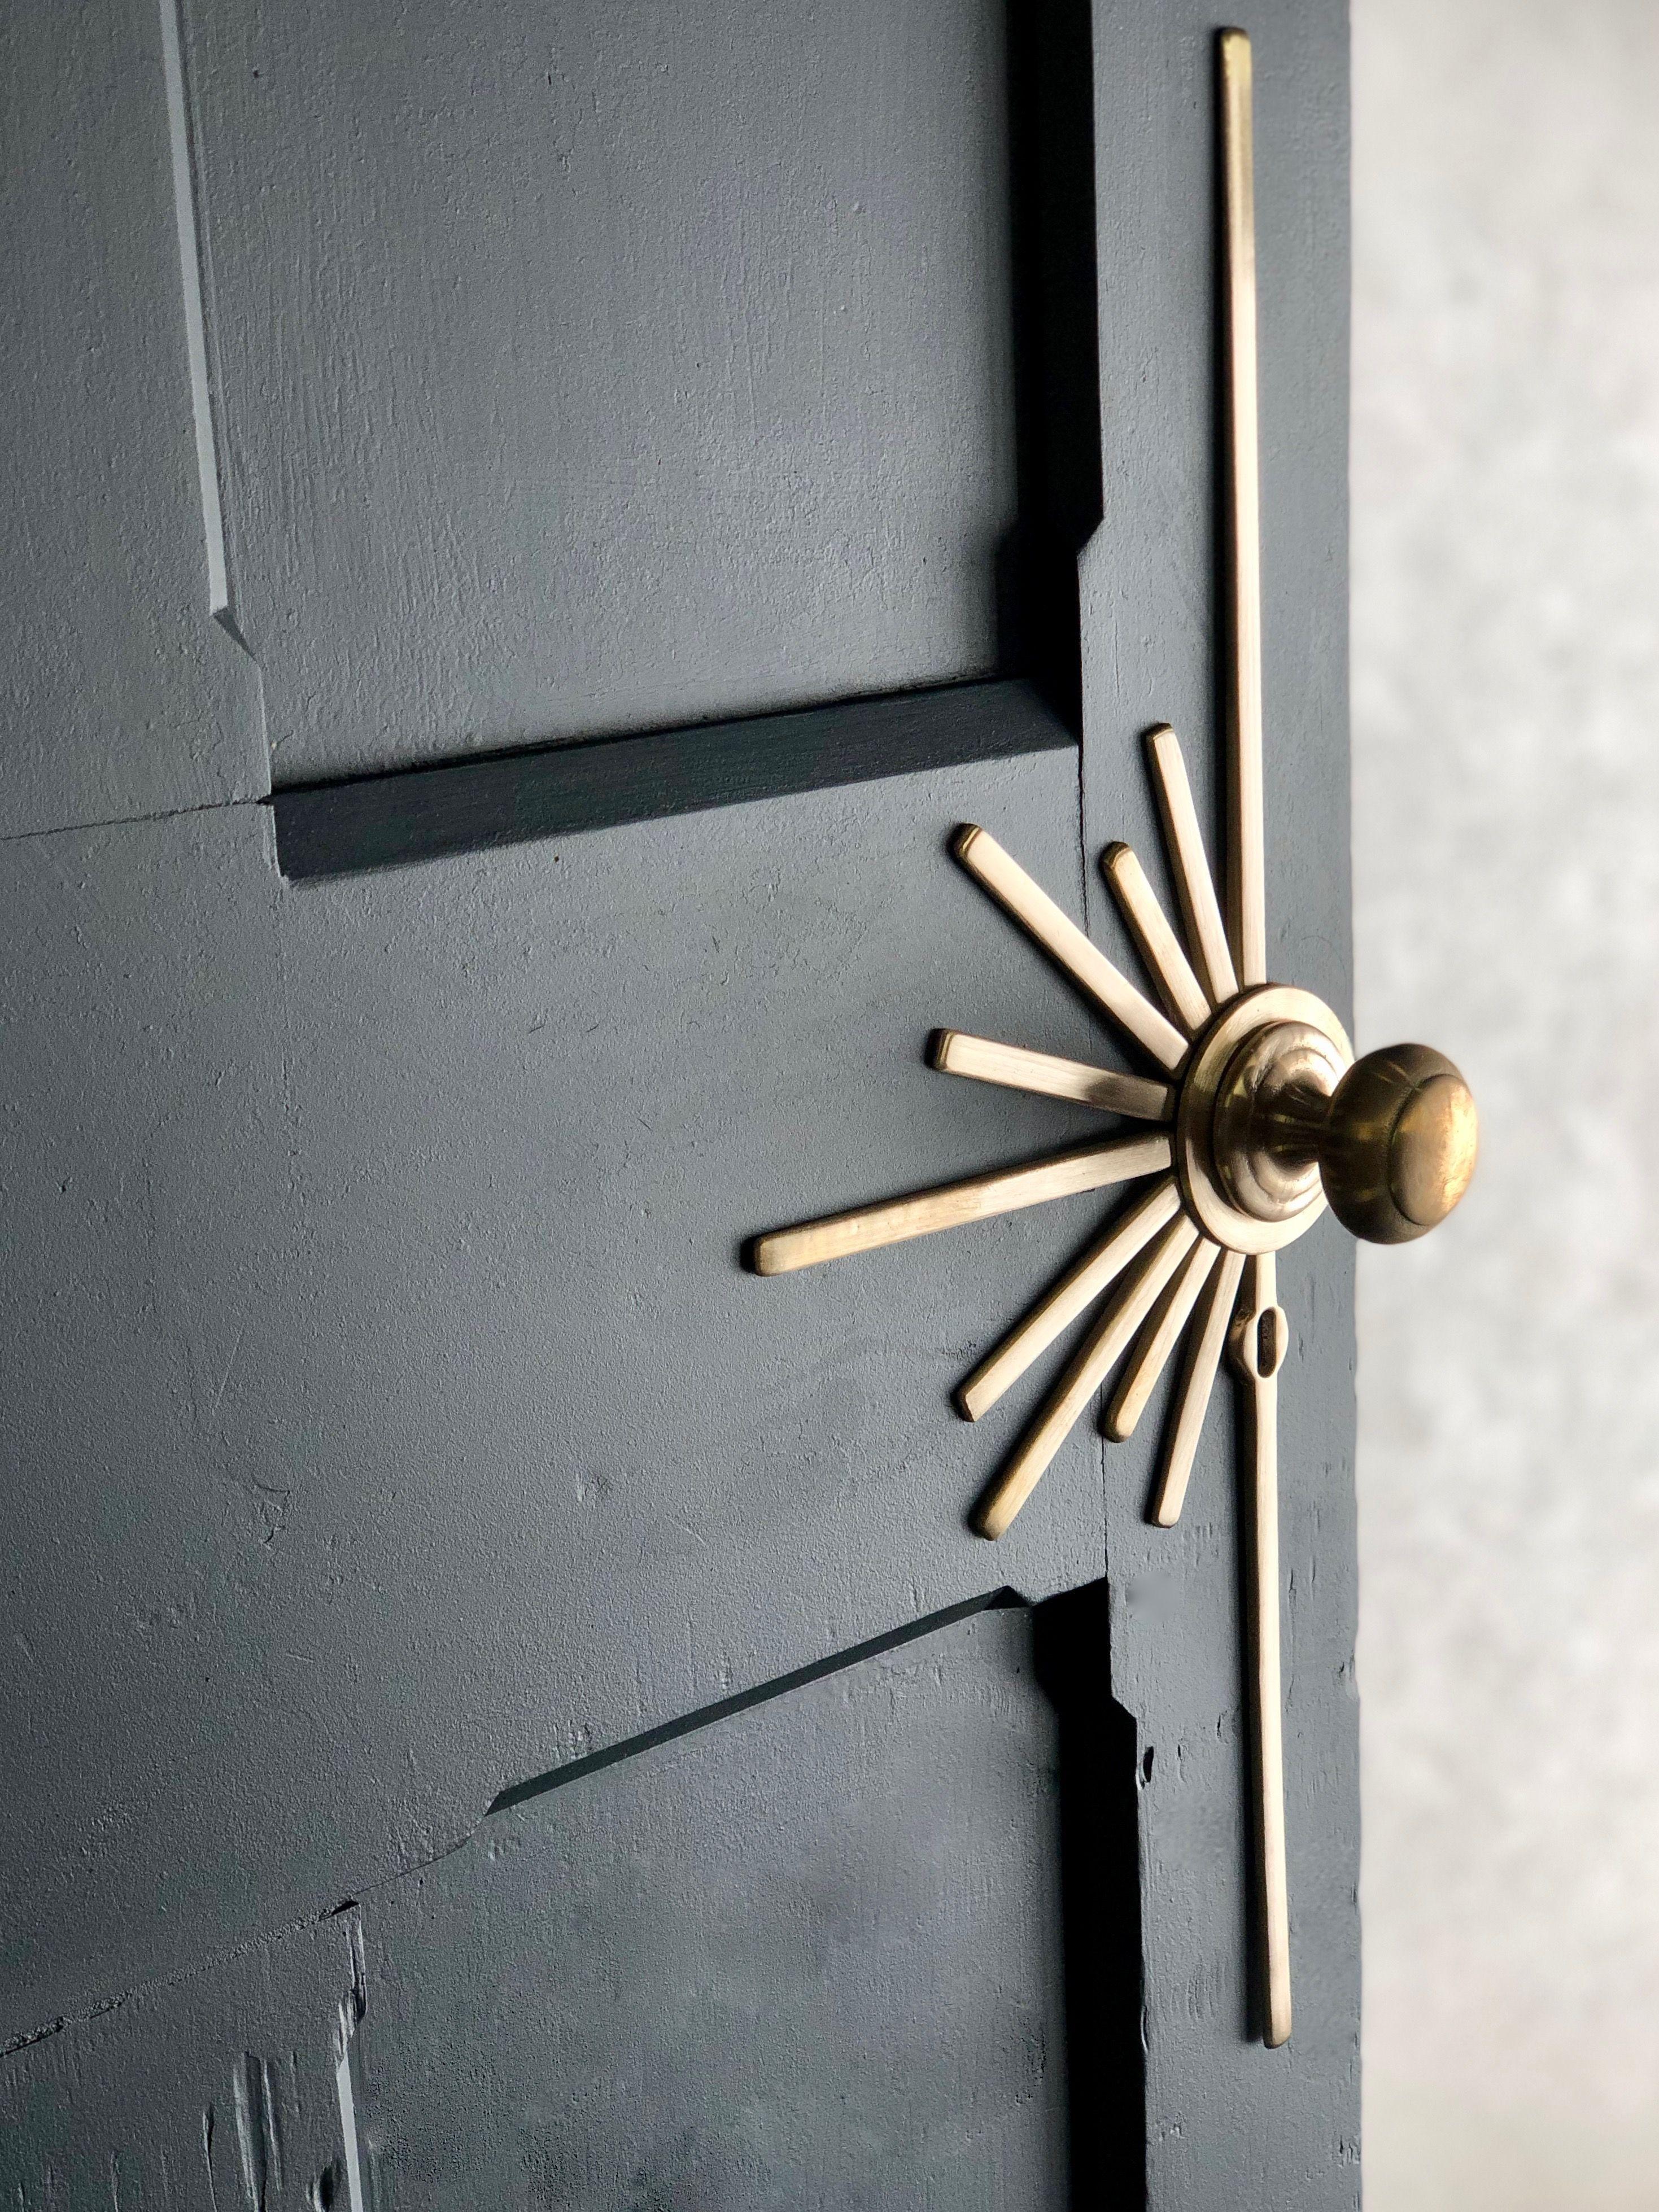 Starburst Door Handle Home Deco House Design Home Decor